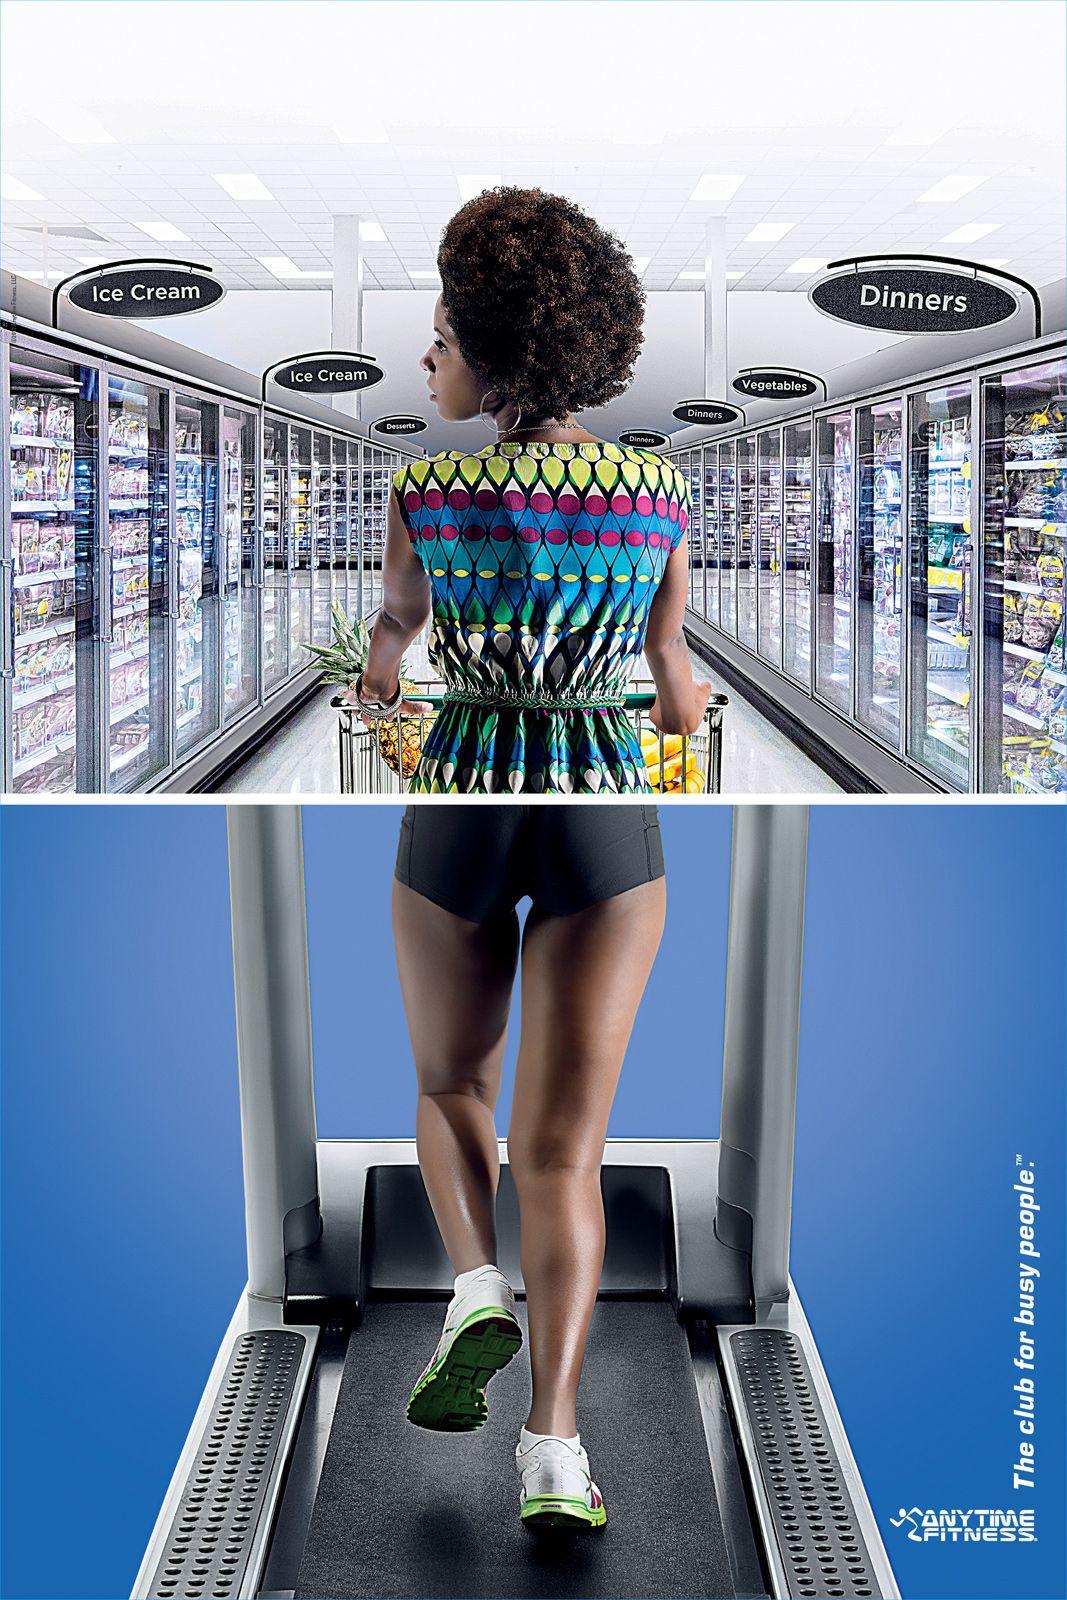 Видео Реклама Похудения. Реклама фитнеса и товаров для похудения (65 примеров)